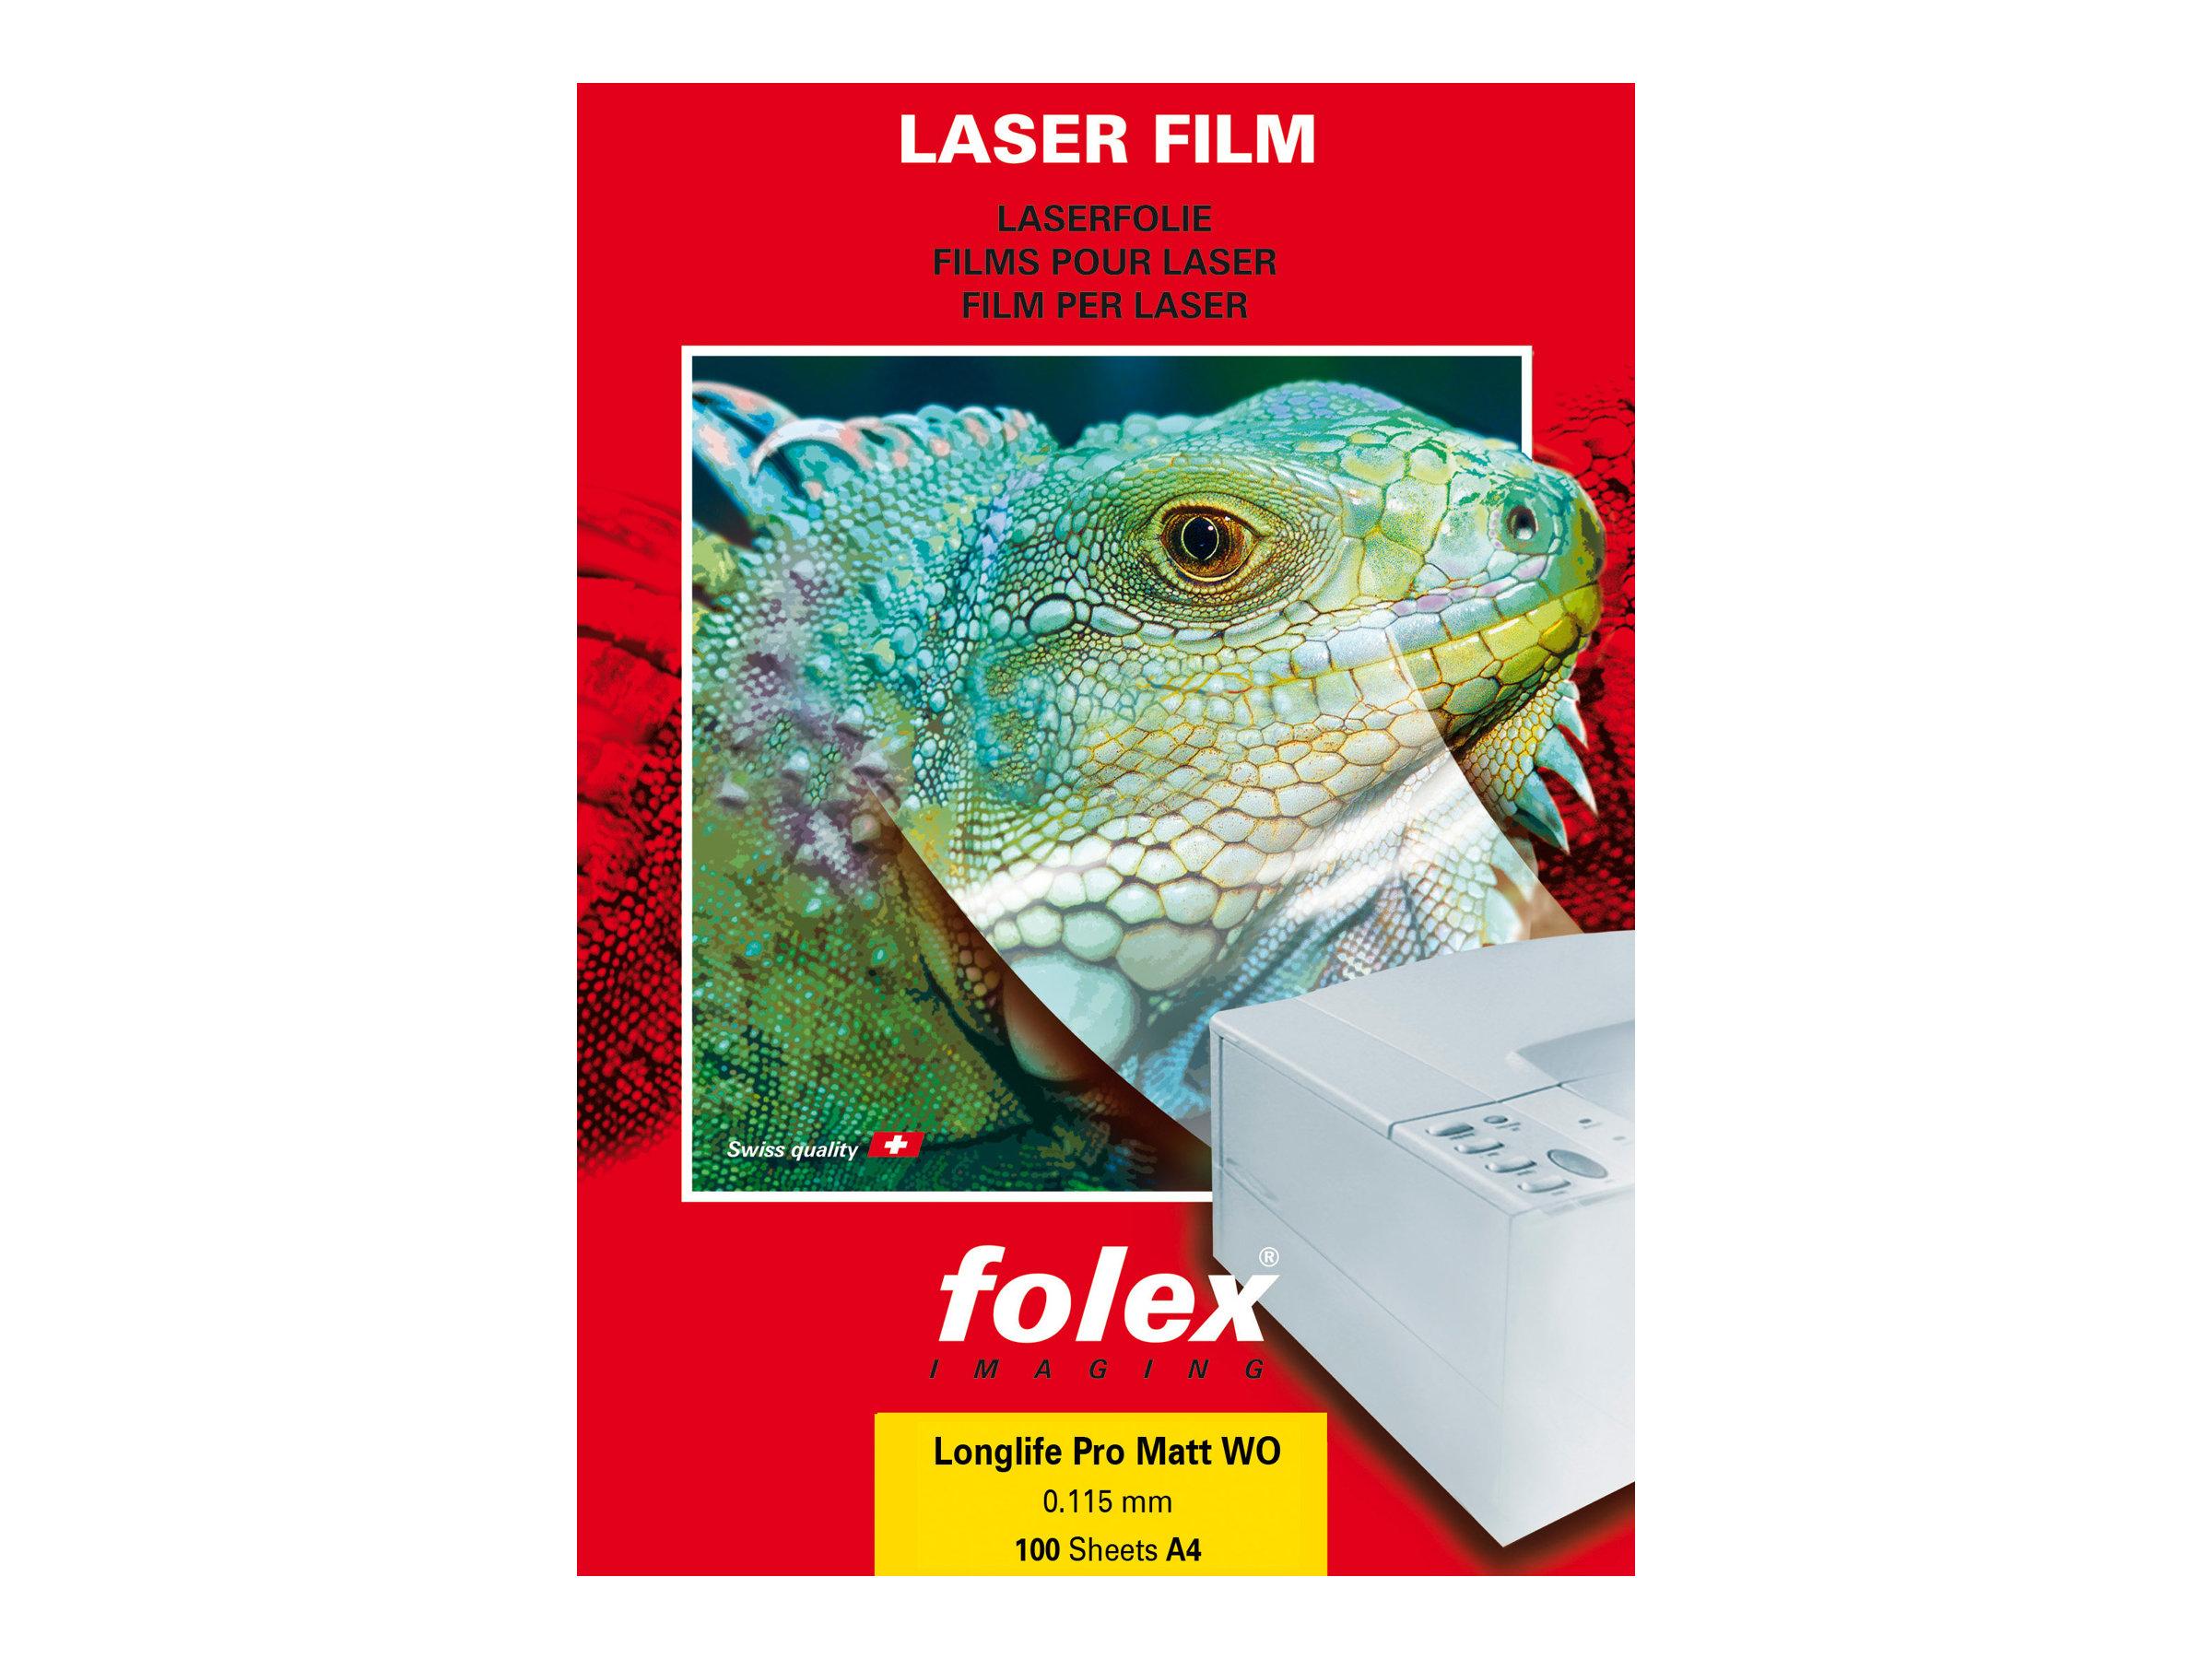 Folex Longlife Pro Matt WO - Polyester - matt - 115 Mikron - Mattes Weiss - A4 (210 x 297 mm) 100 Blatt Folie / Film